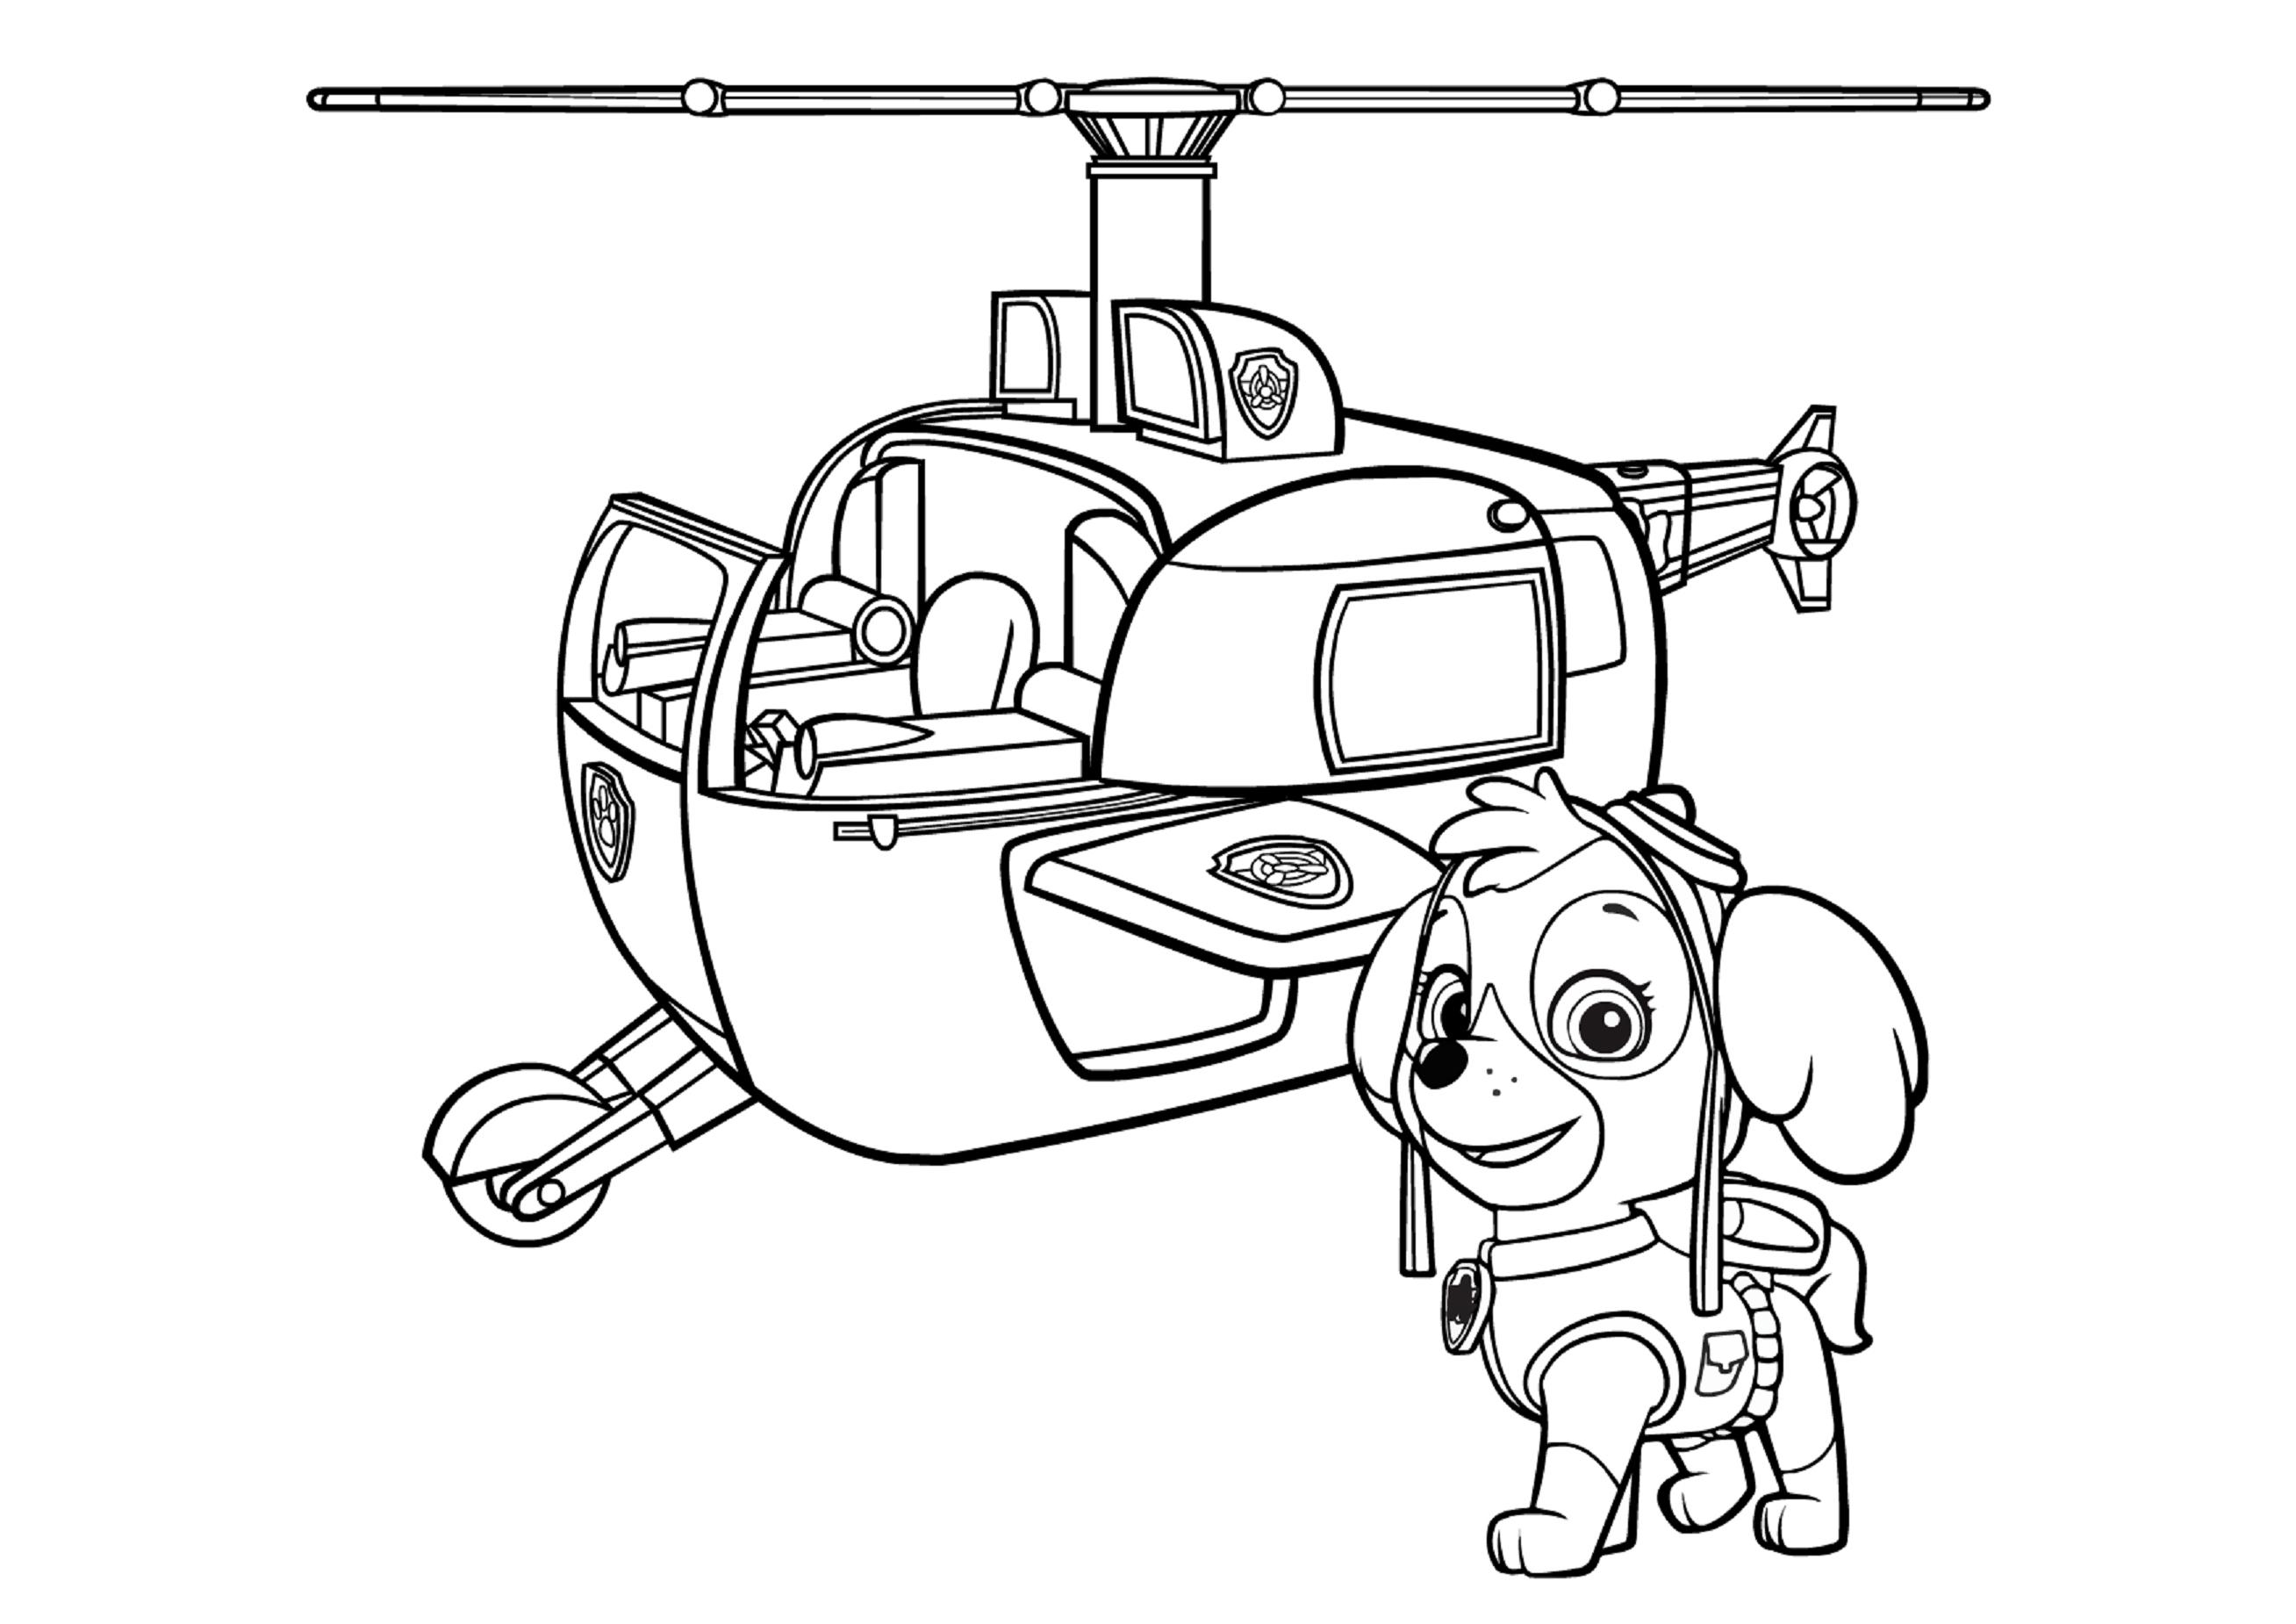 раскраски щенячий патруль распечатать бесплатно формат а4 онлайн